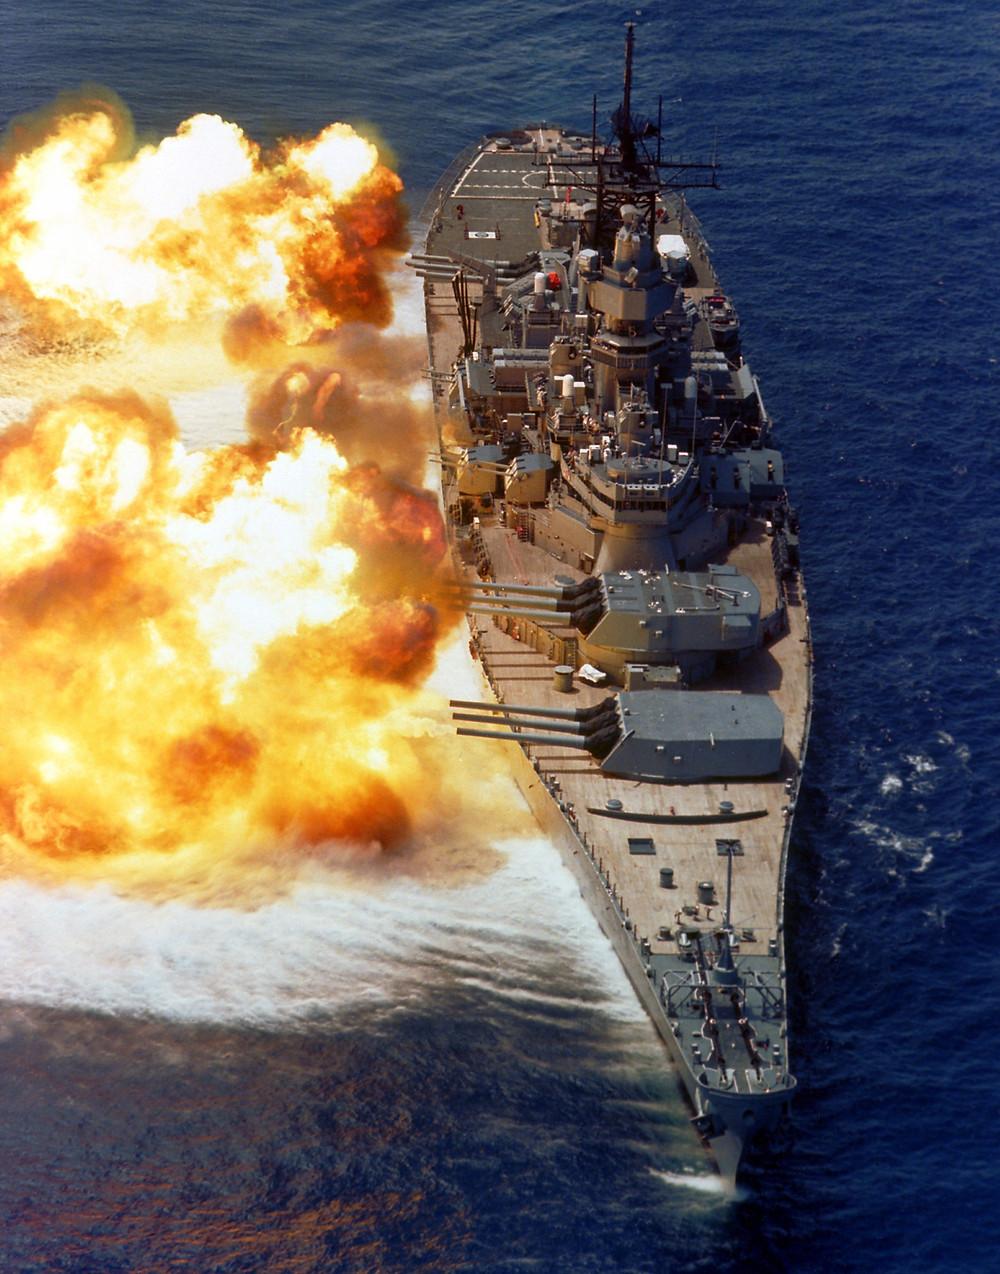 Battleship USS Iowa firing all guns